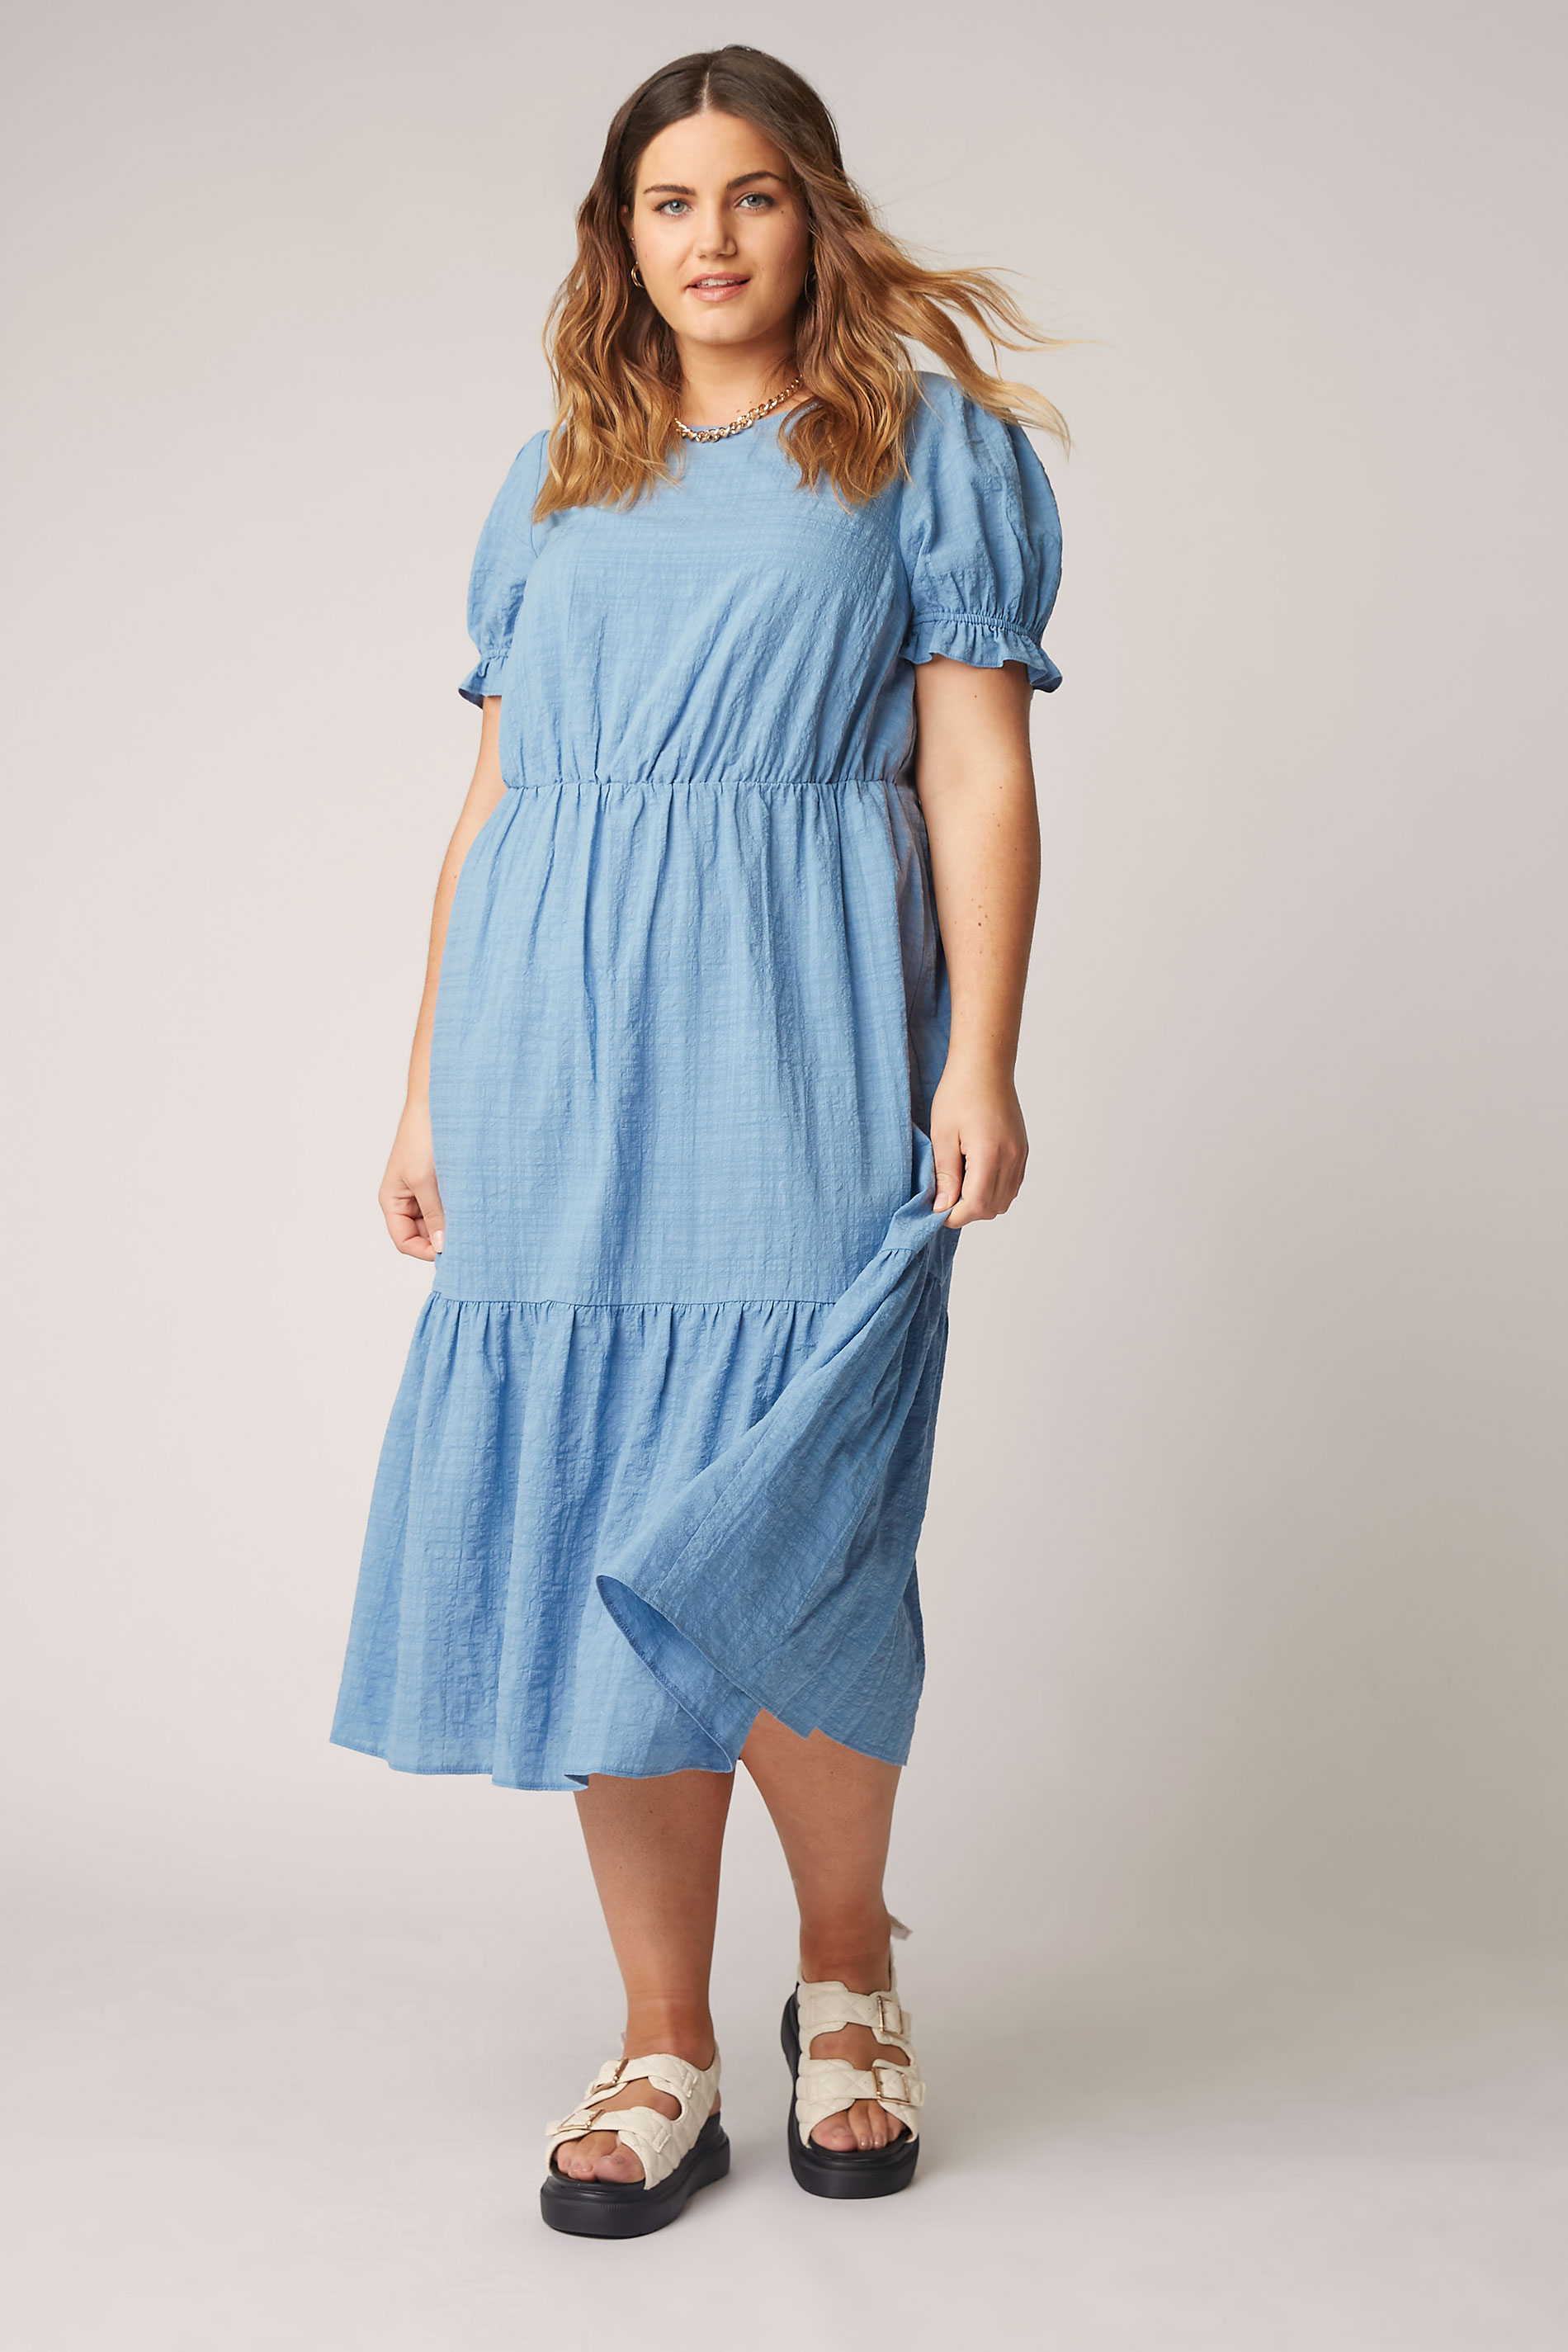 THE LIMITED EDIT Blue Smock Midi Dress_B.jpg